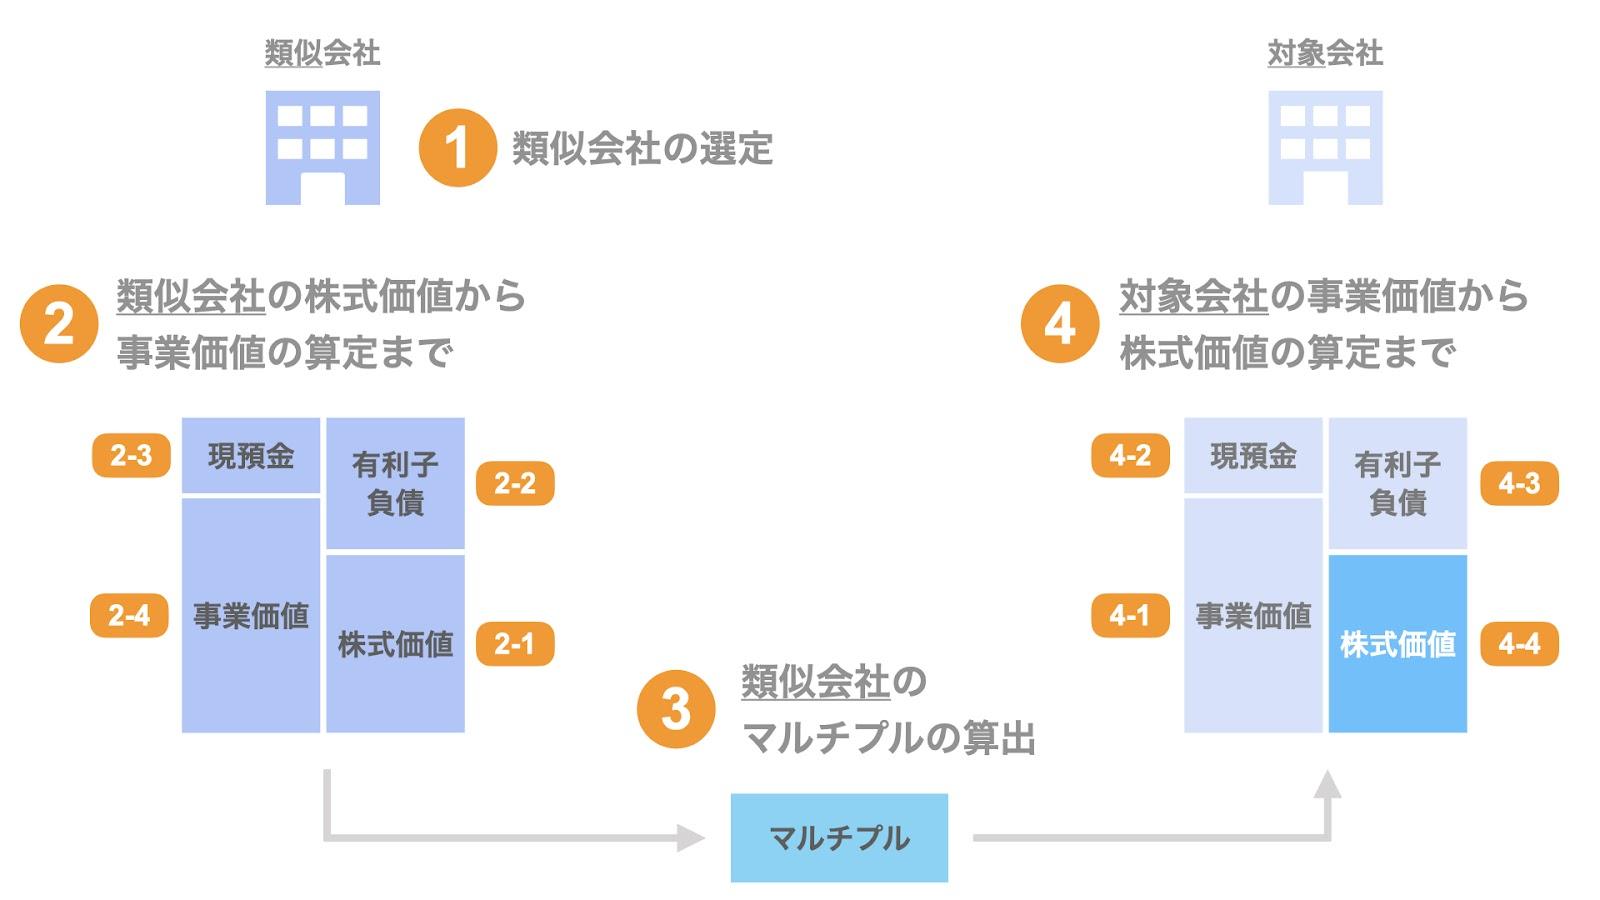 マルチプル法の株式価値の算定プロセス